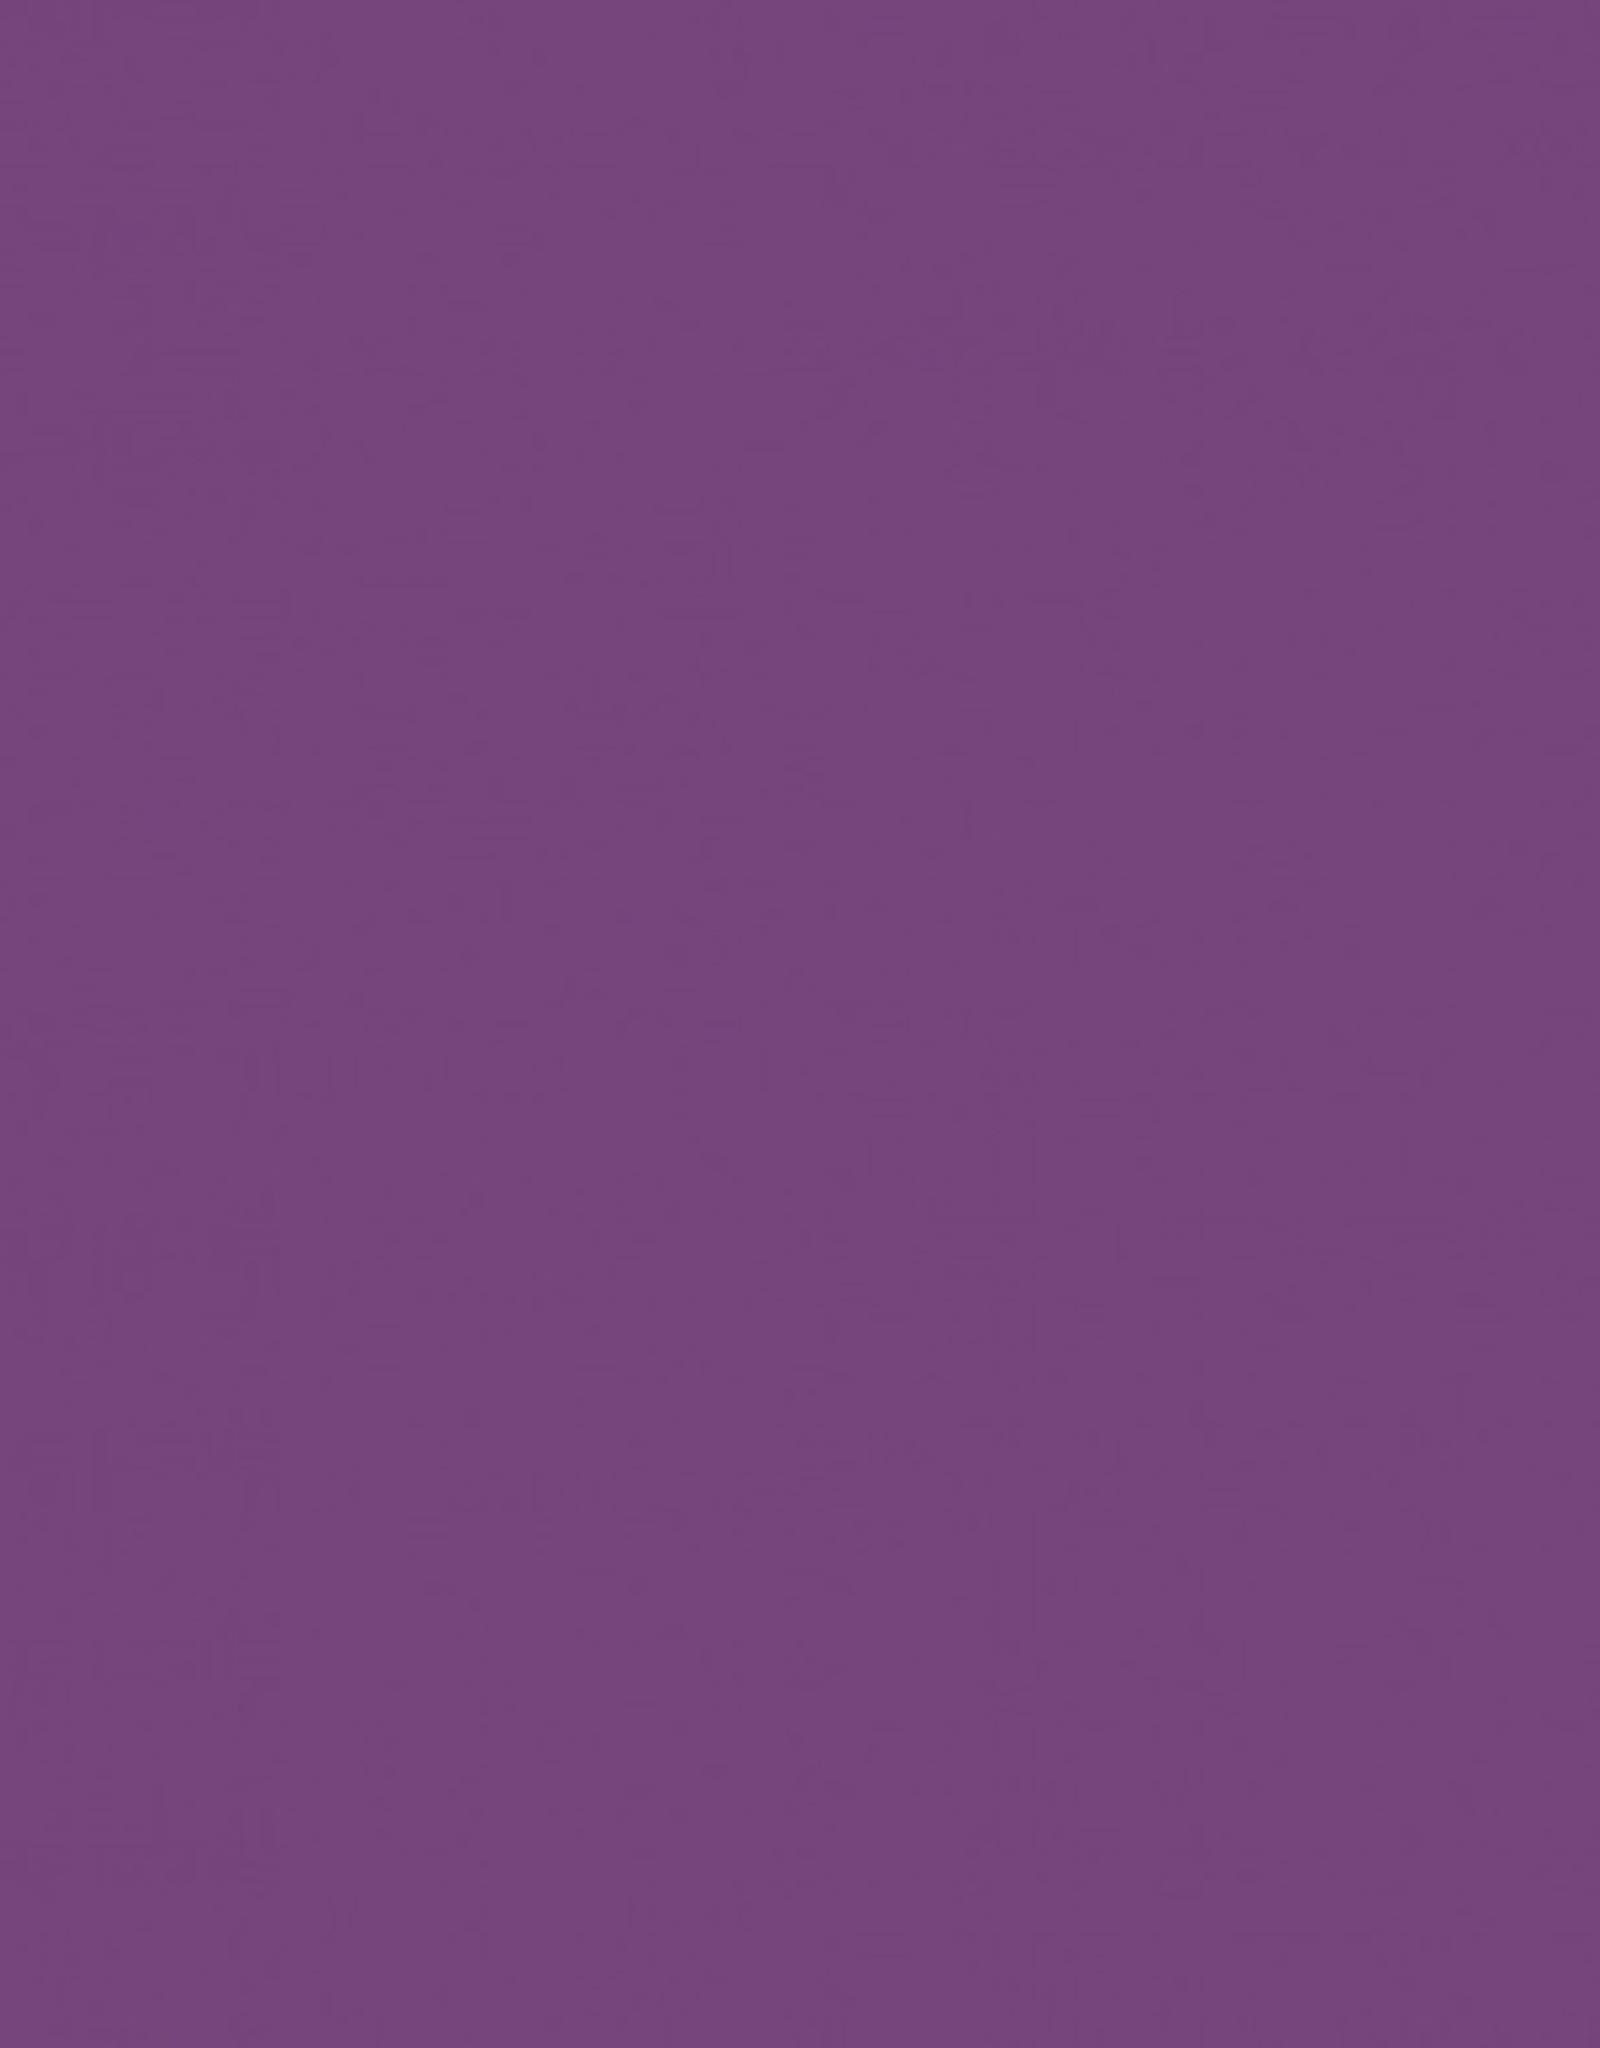 Holbein Oil Color Series B 40 ml Cobalt Violet Light Hue 40 ml